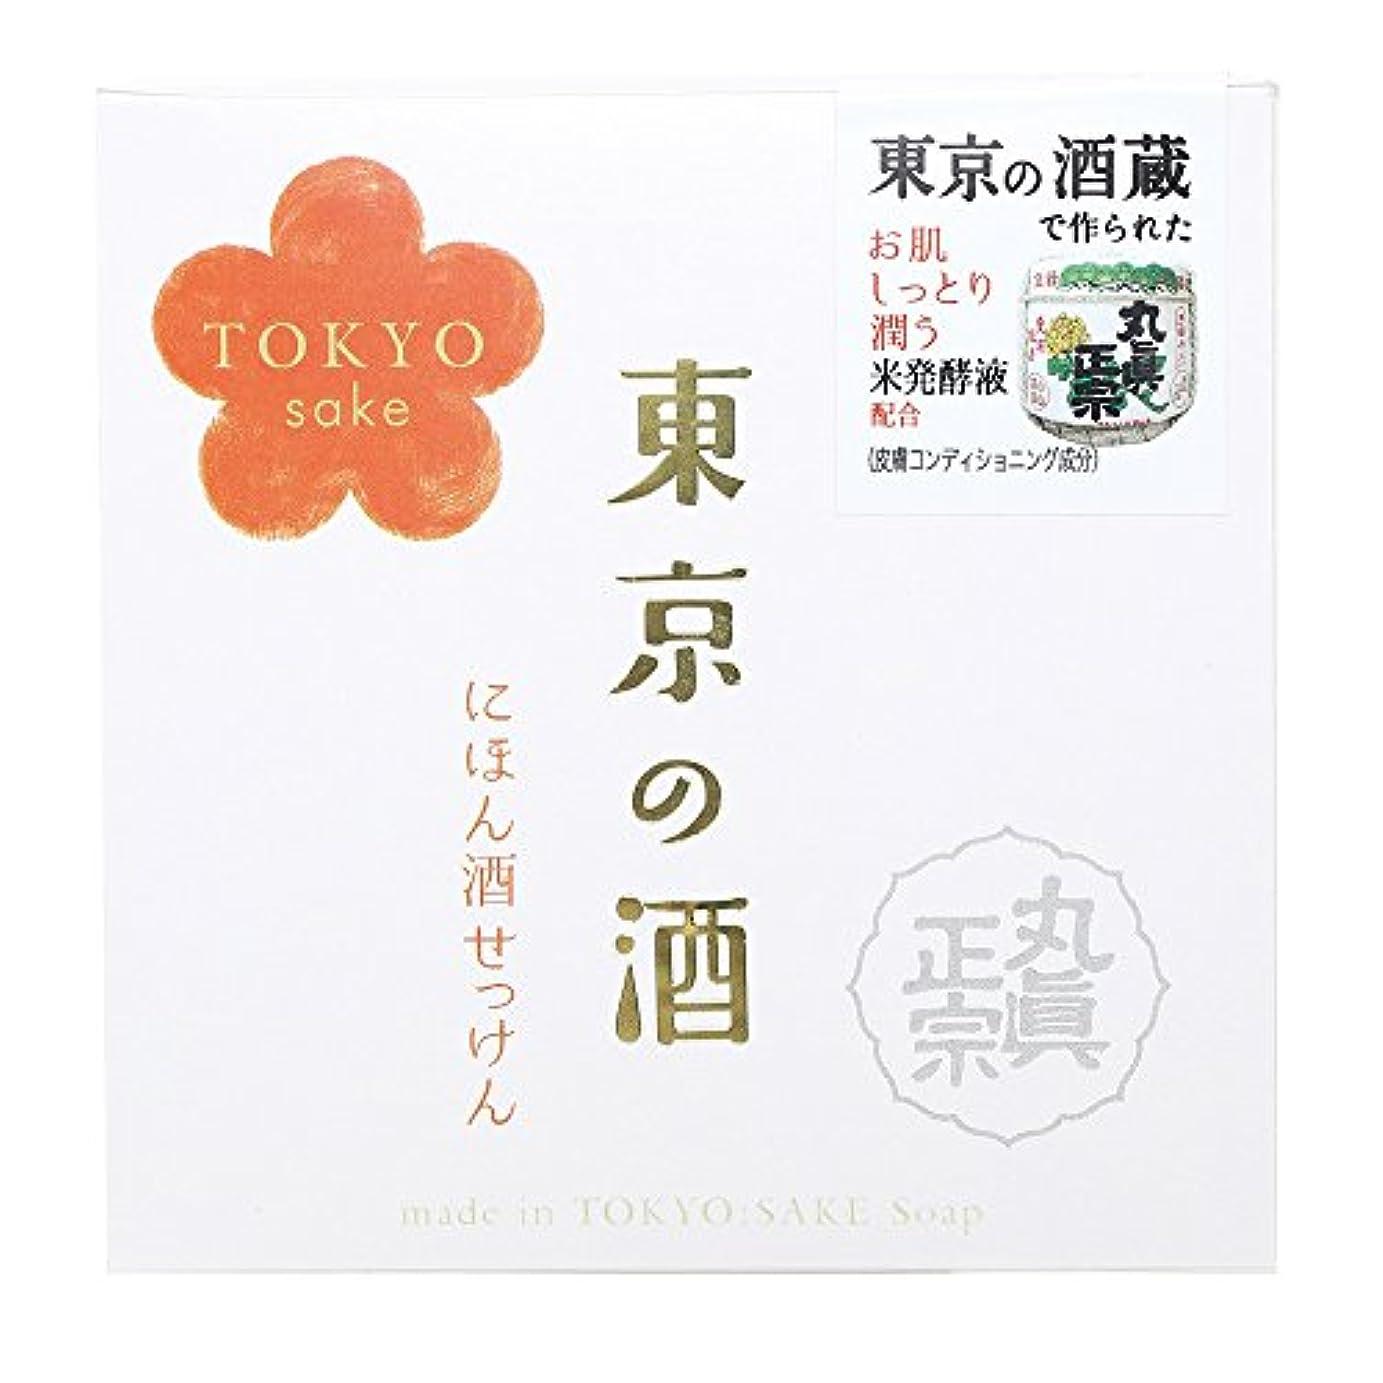 知るほんのモンクノルコーポレーション 東京の酒 石けん OB-TKY-1-1 100g